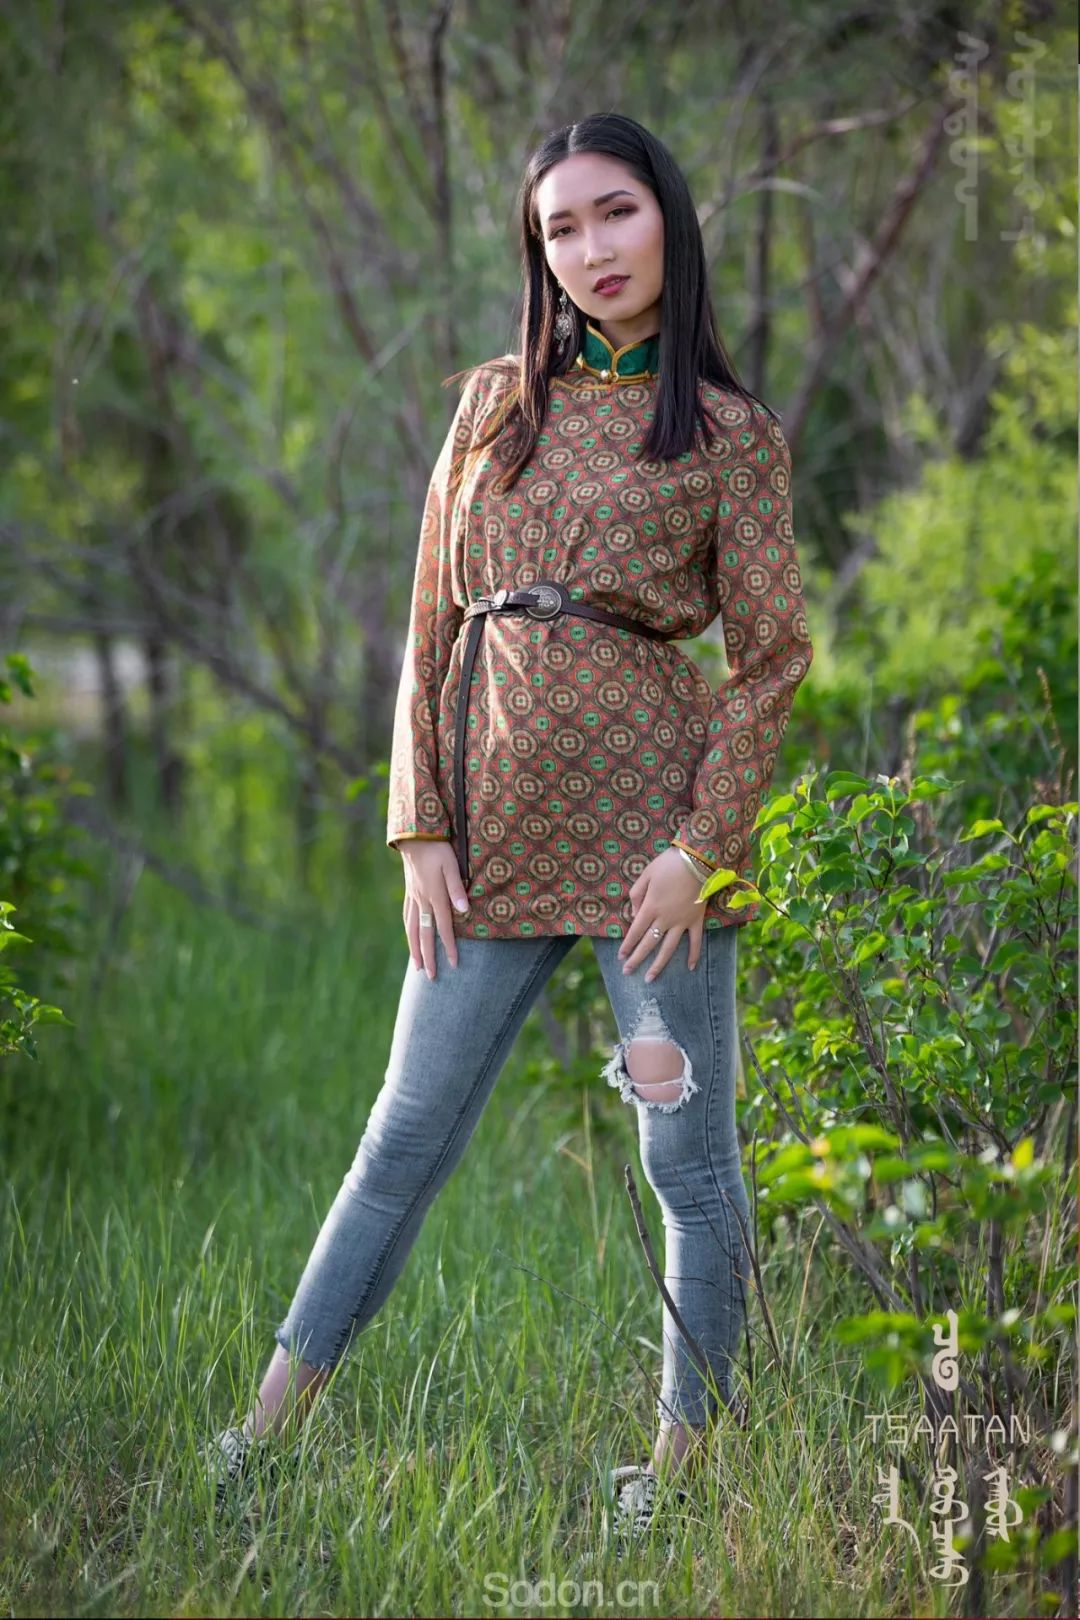 TSAATAN蒙古时装 2019新款,来自驯鹿人的独特魅力! 第17张 TSAATAN蒙古时装 2019新款,来自驯鹿人的独特魅力! 蒙古服饰